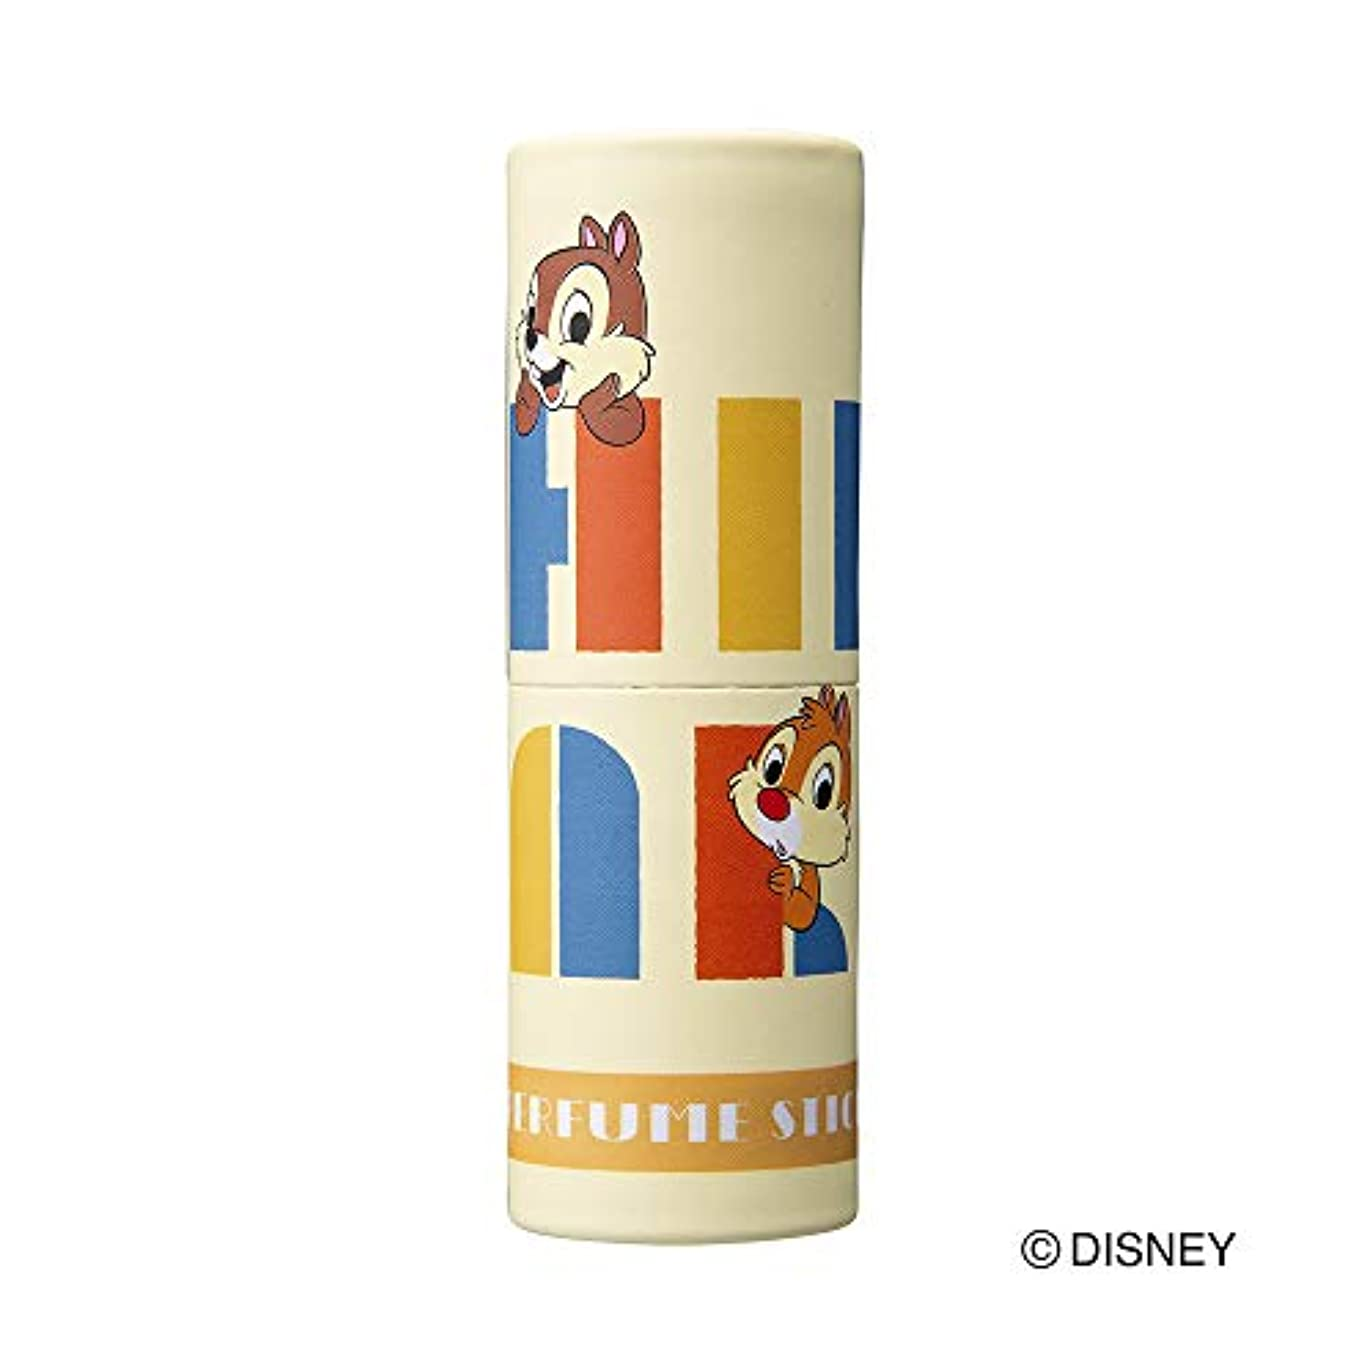 唯一火曜日主にパフュームスティック チアー シトラス&シャボンの香り ディズニーデザイン 5g